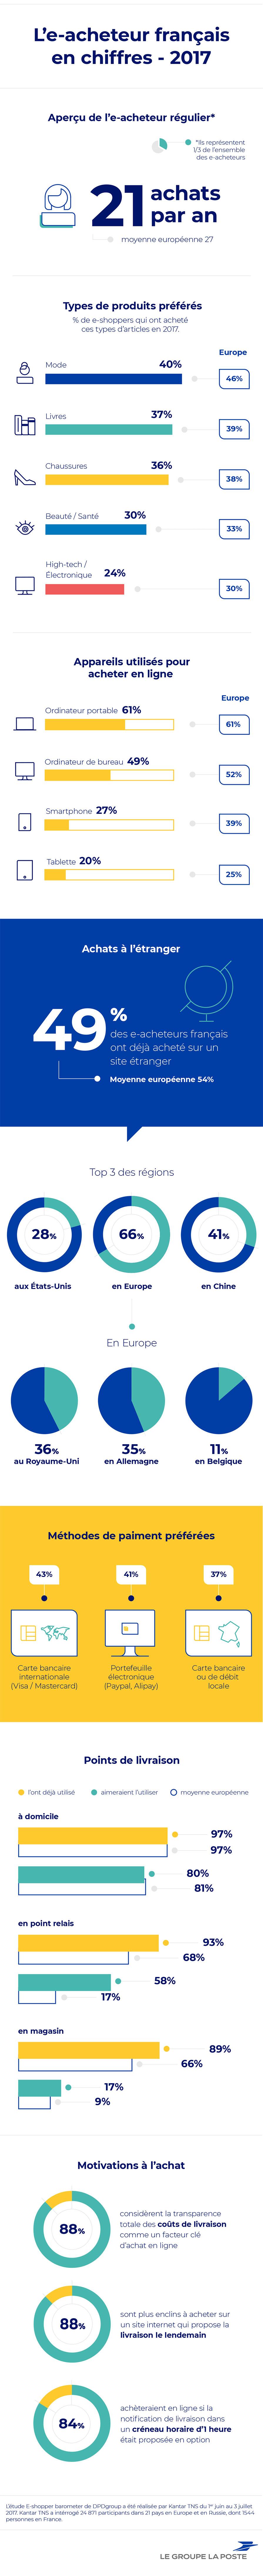 Infographie : les comportements d'achat de l'e-acheteur français